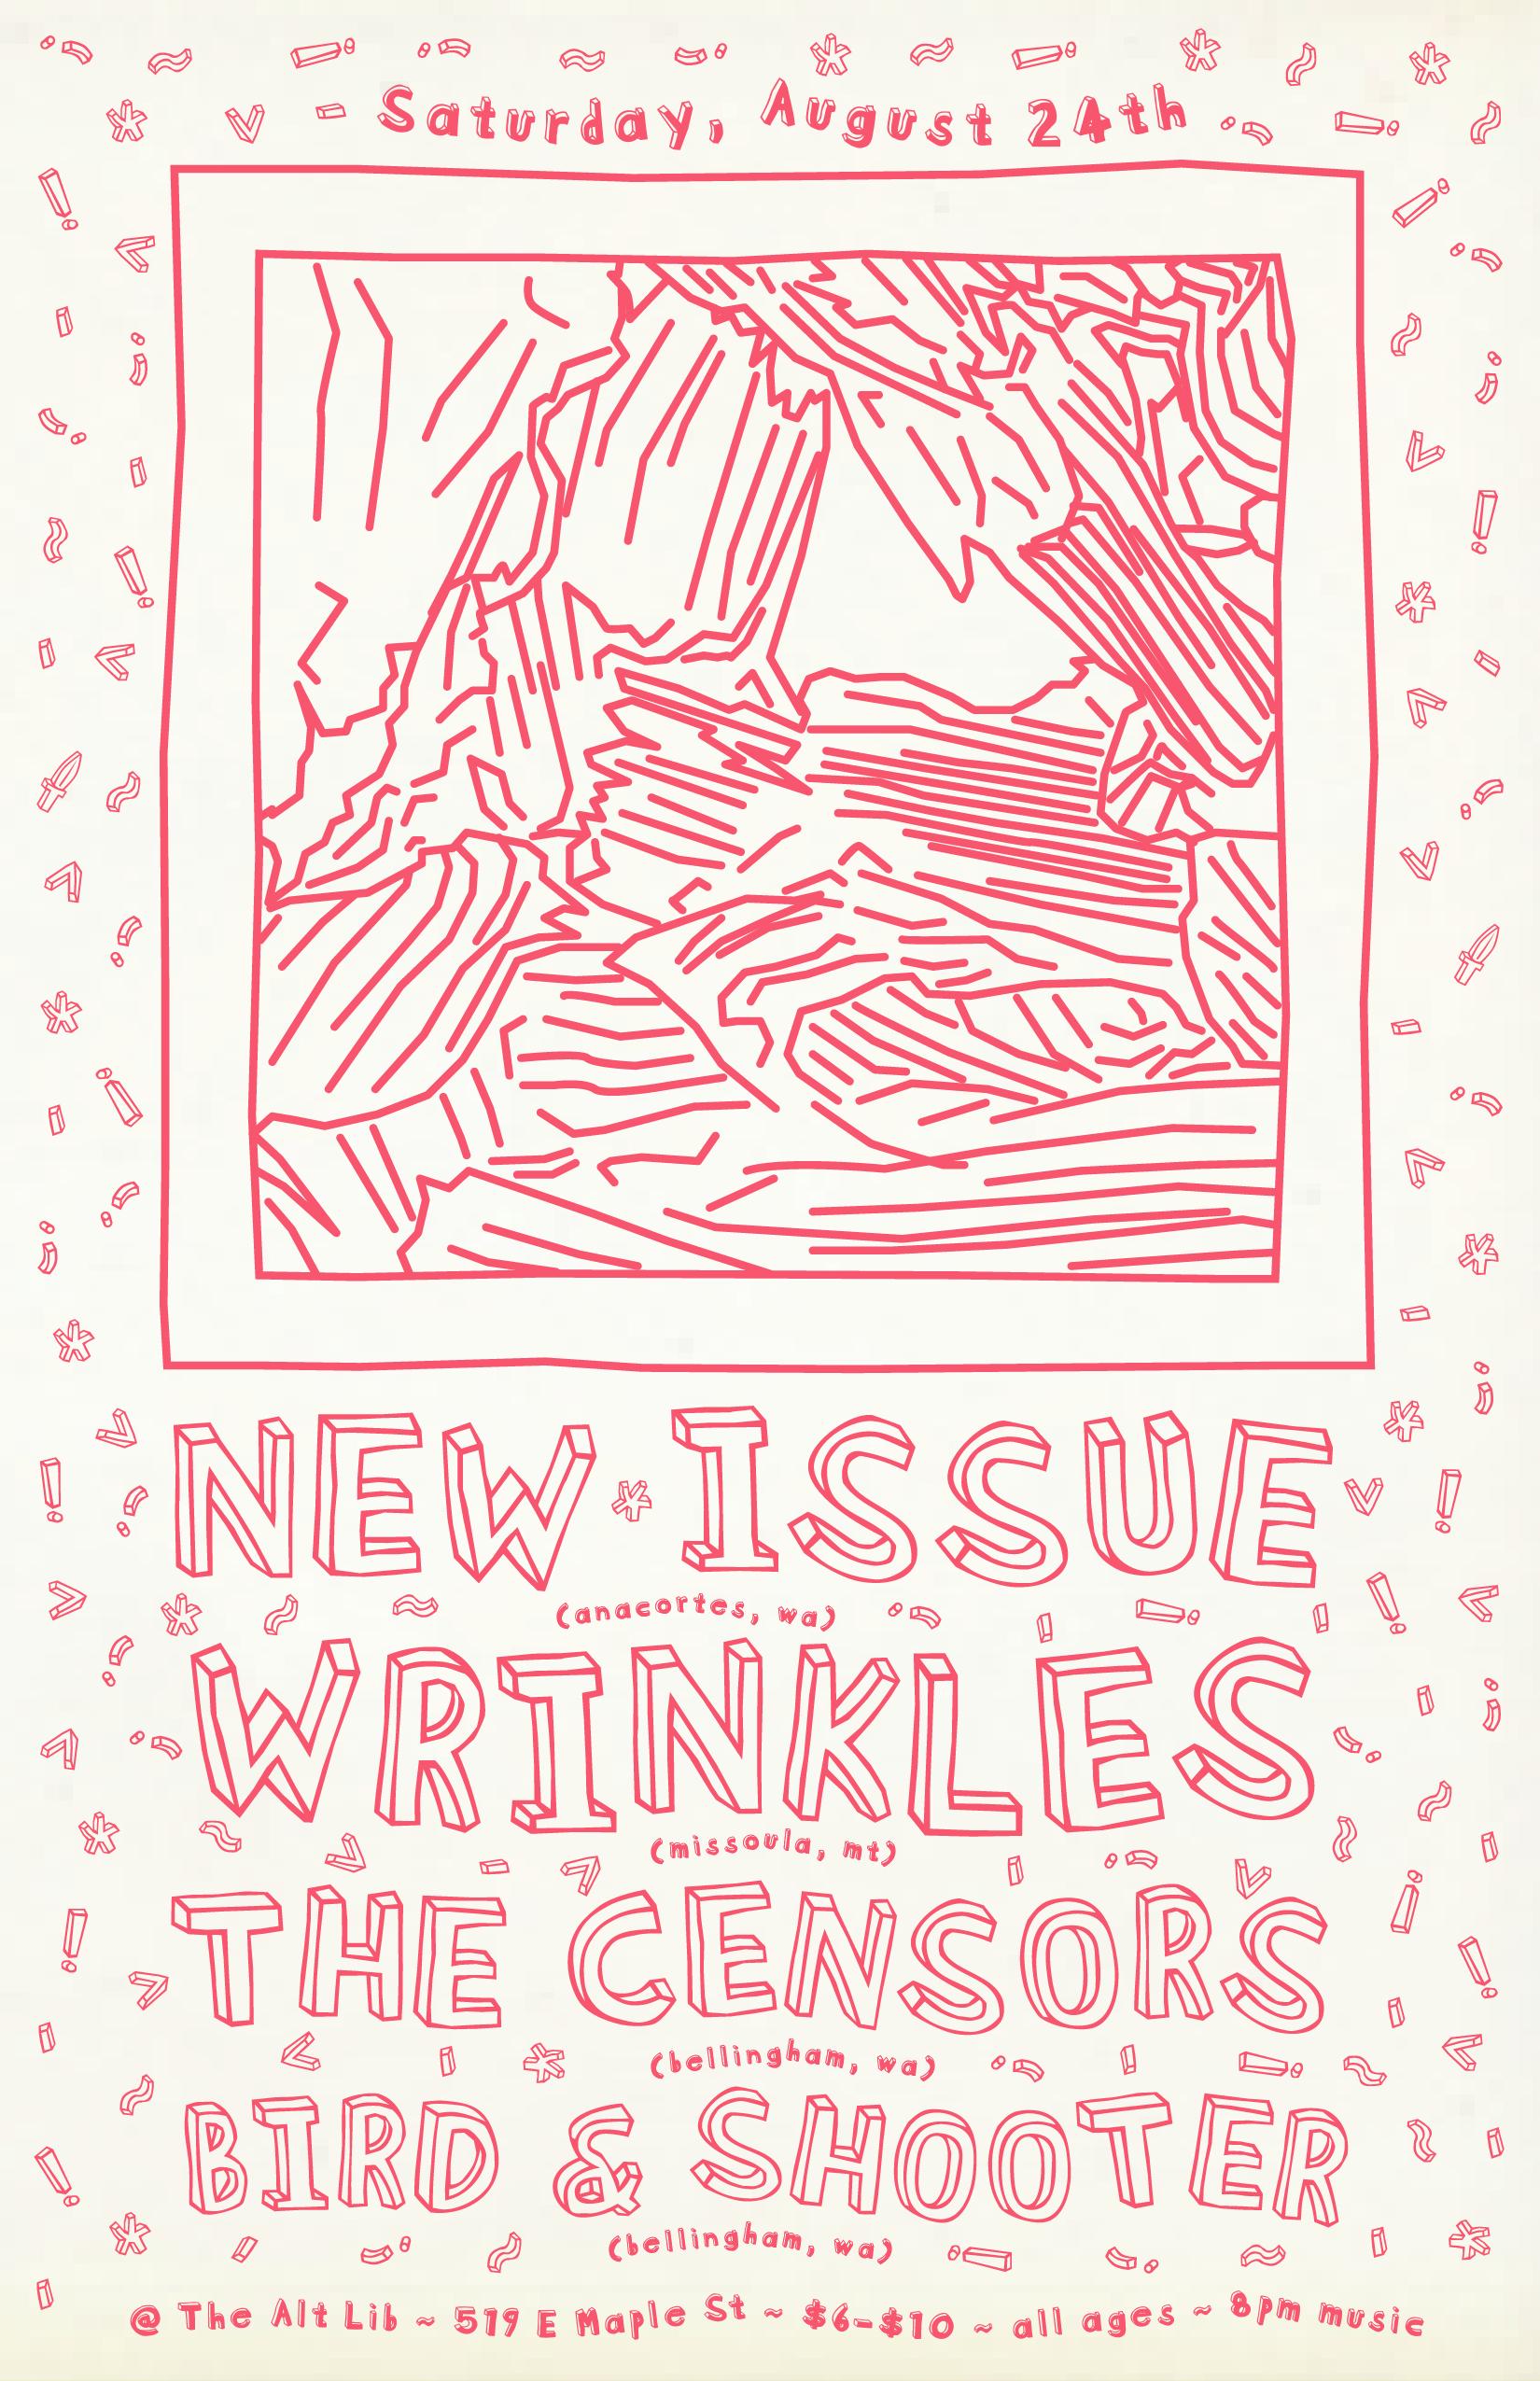 New Issue, Wrinkles, The Censors, Bird & Shooter - September 24 Show Flyer